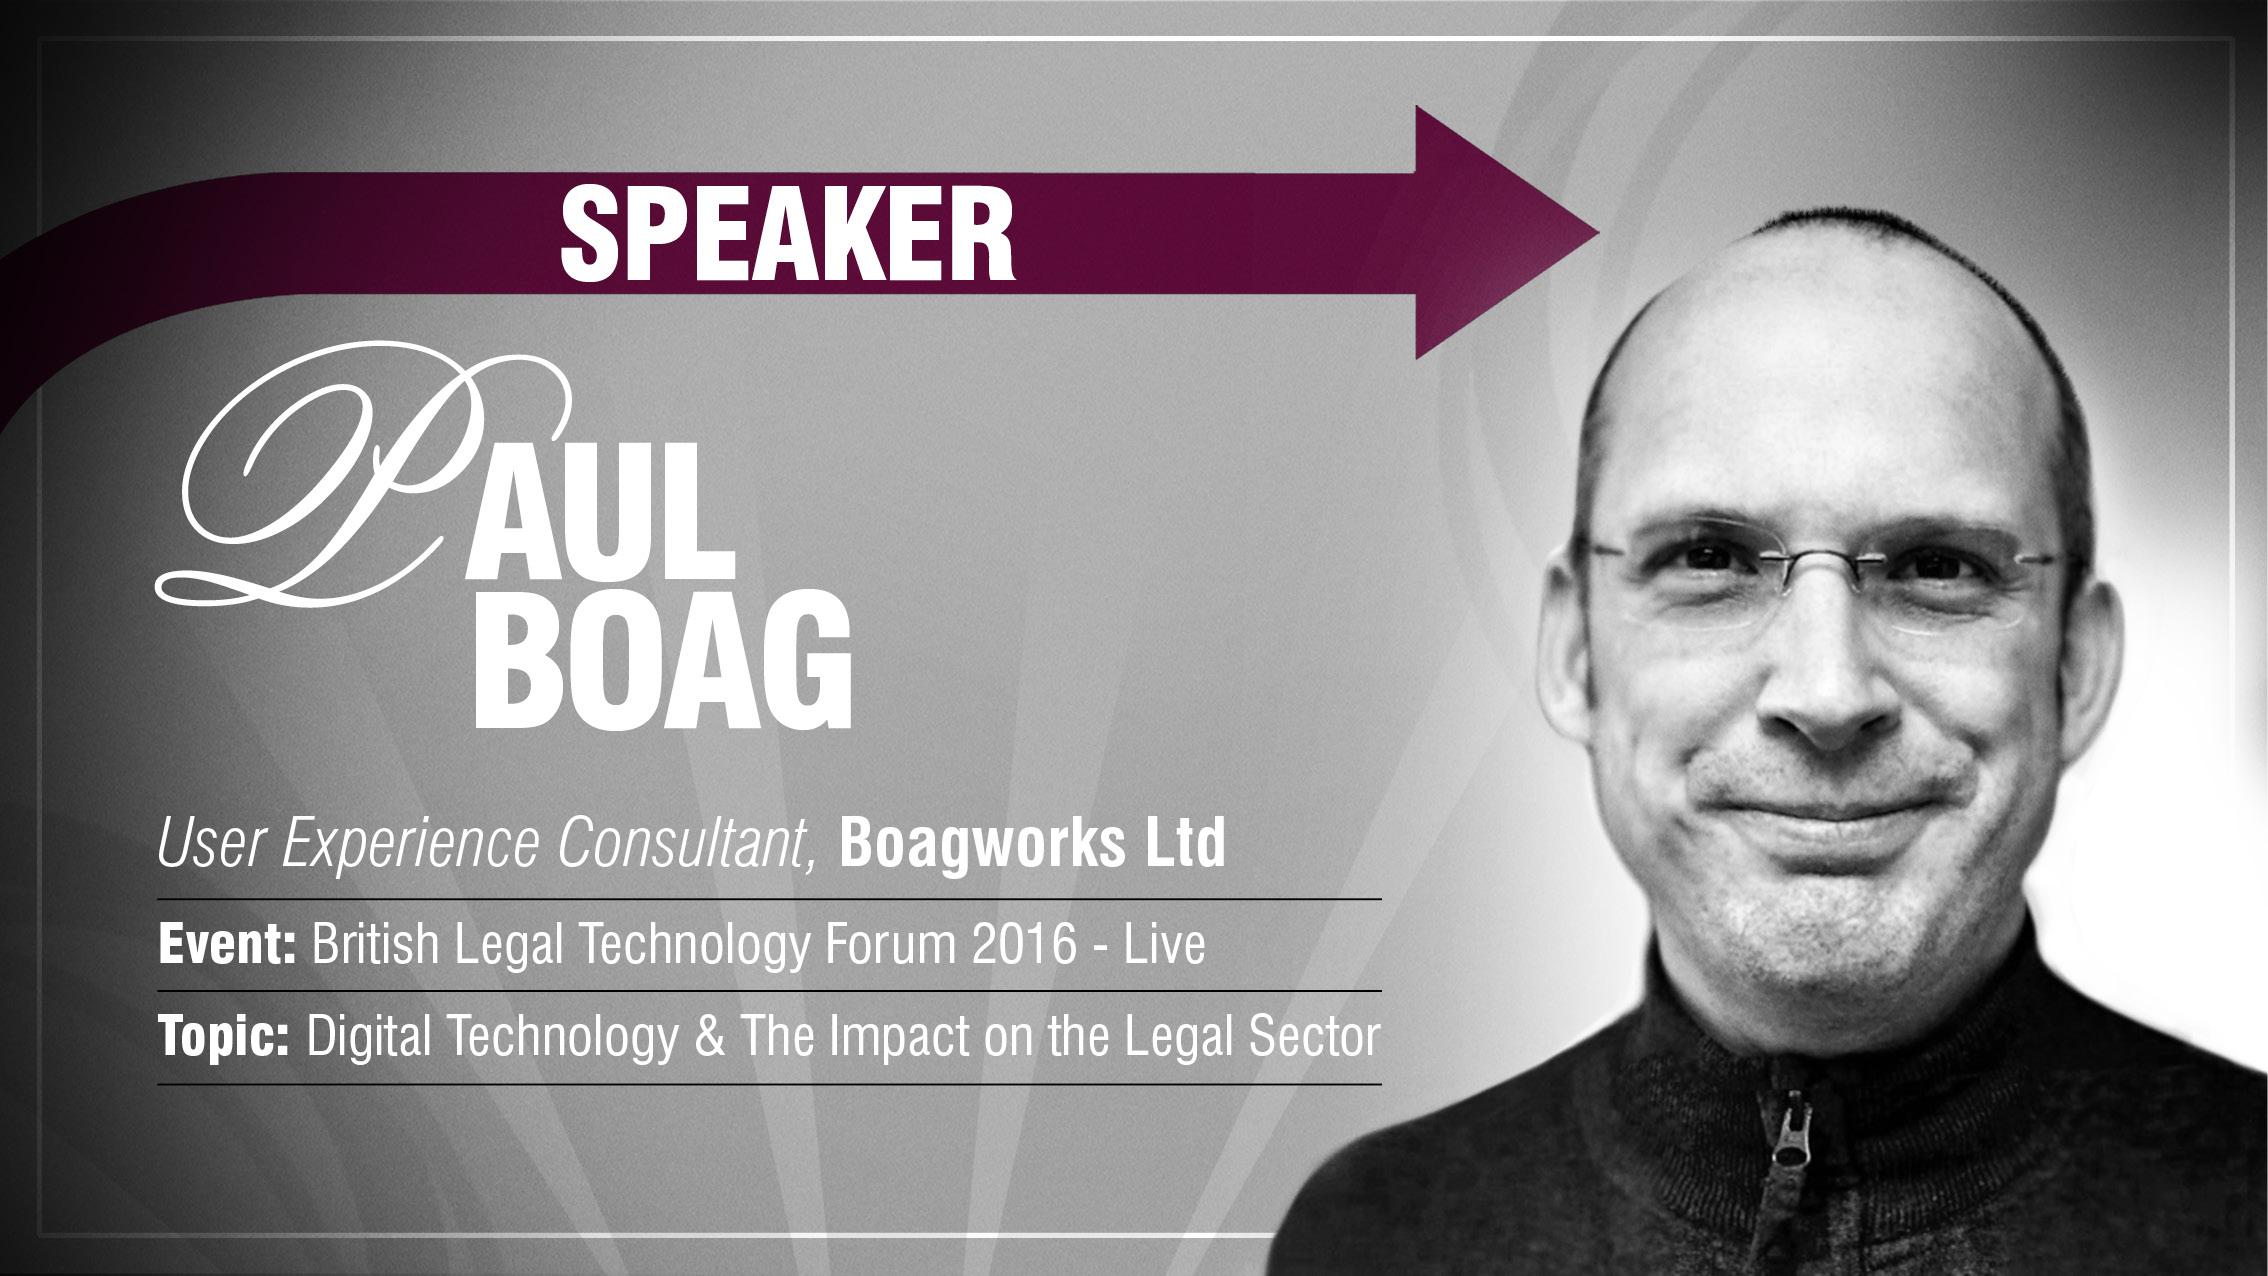 BLTF 2016 Paul Boag